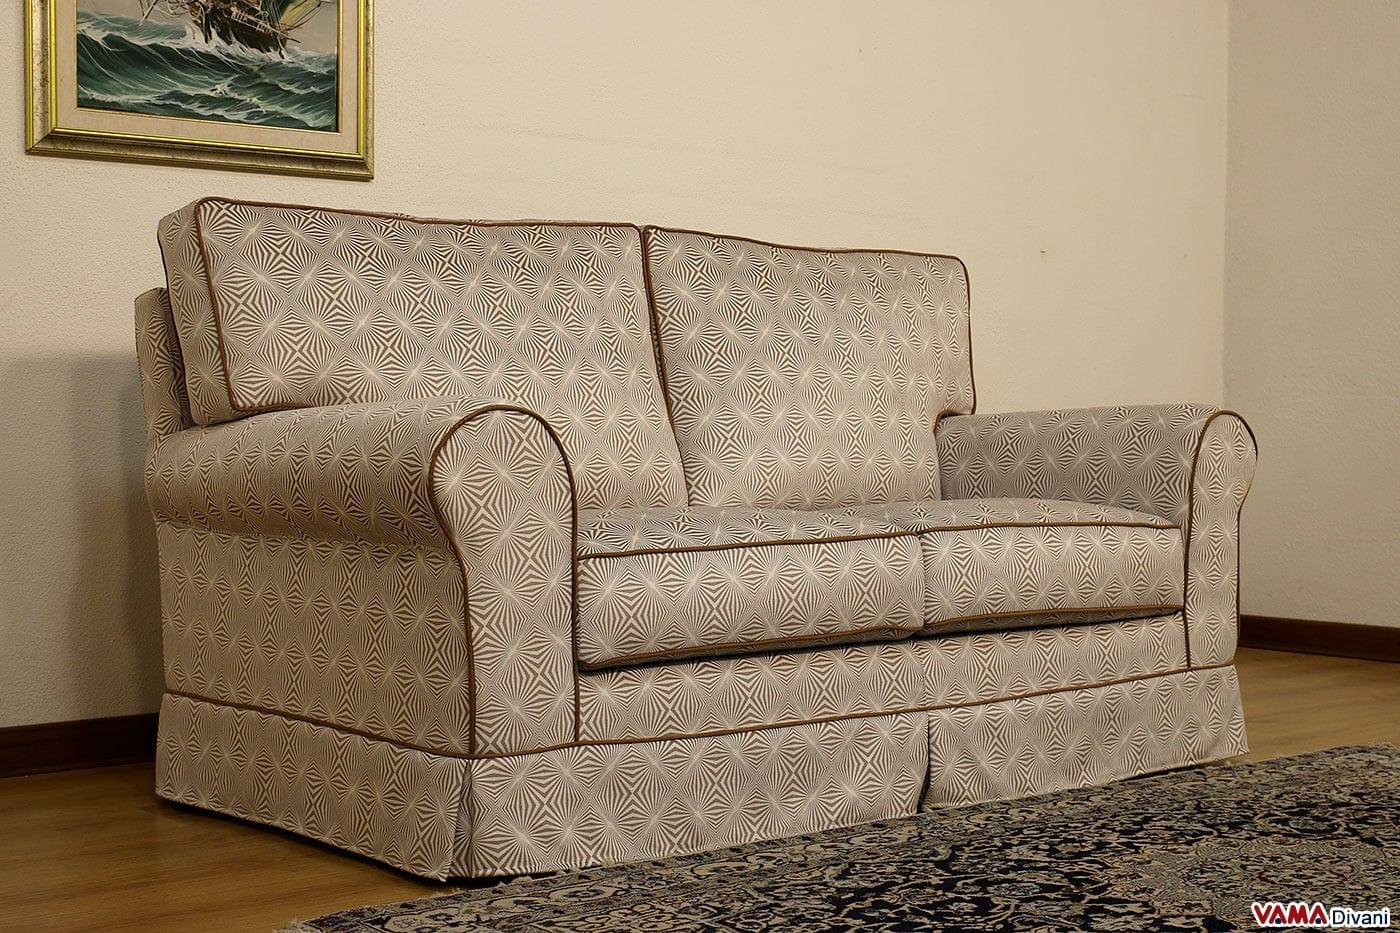 Divano classico bingo vama divani - Dimensione divano 2 posti ...